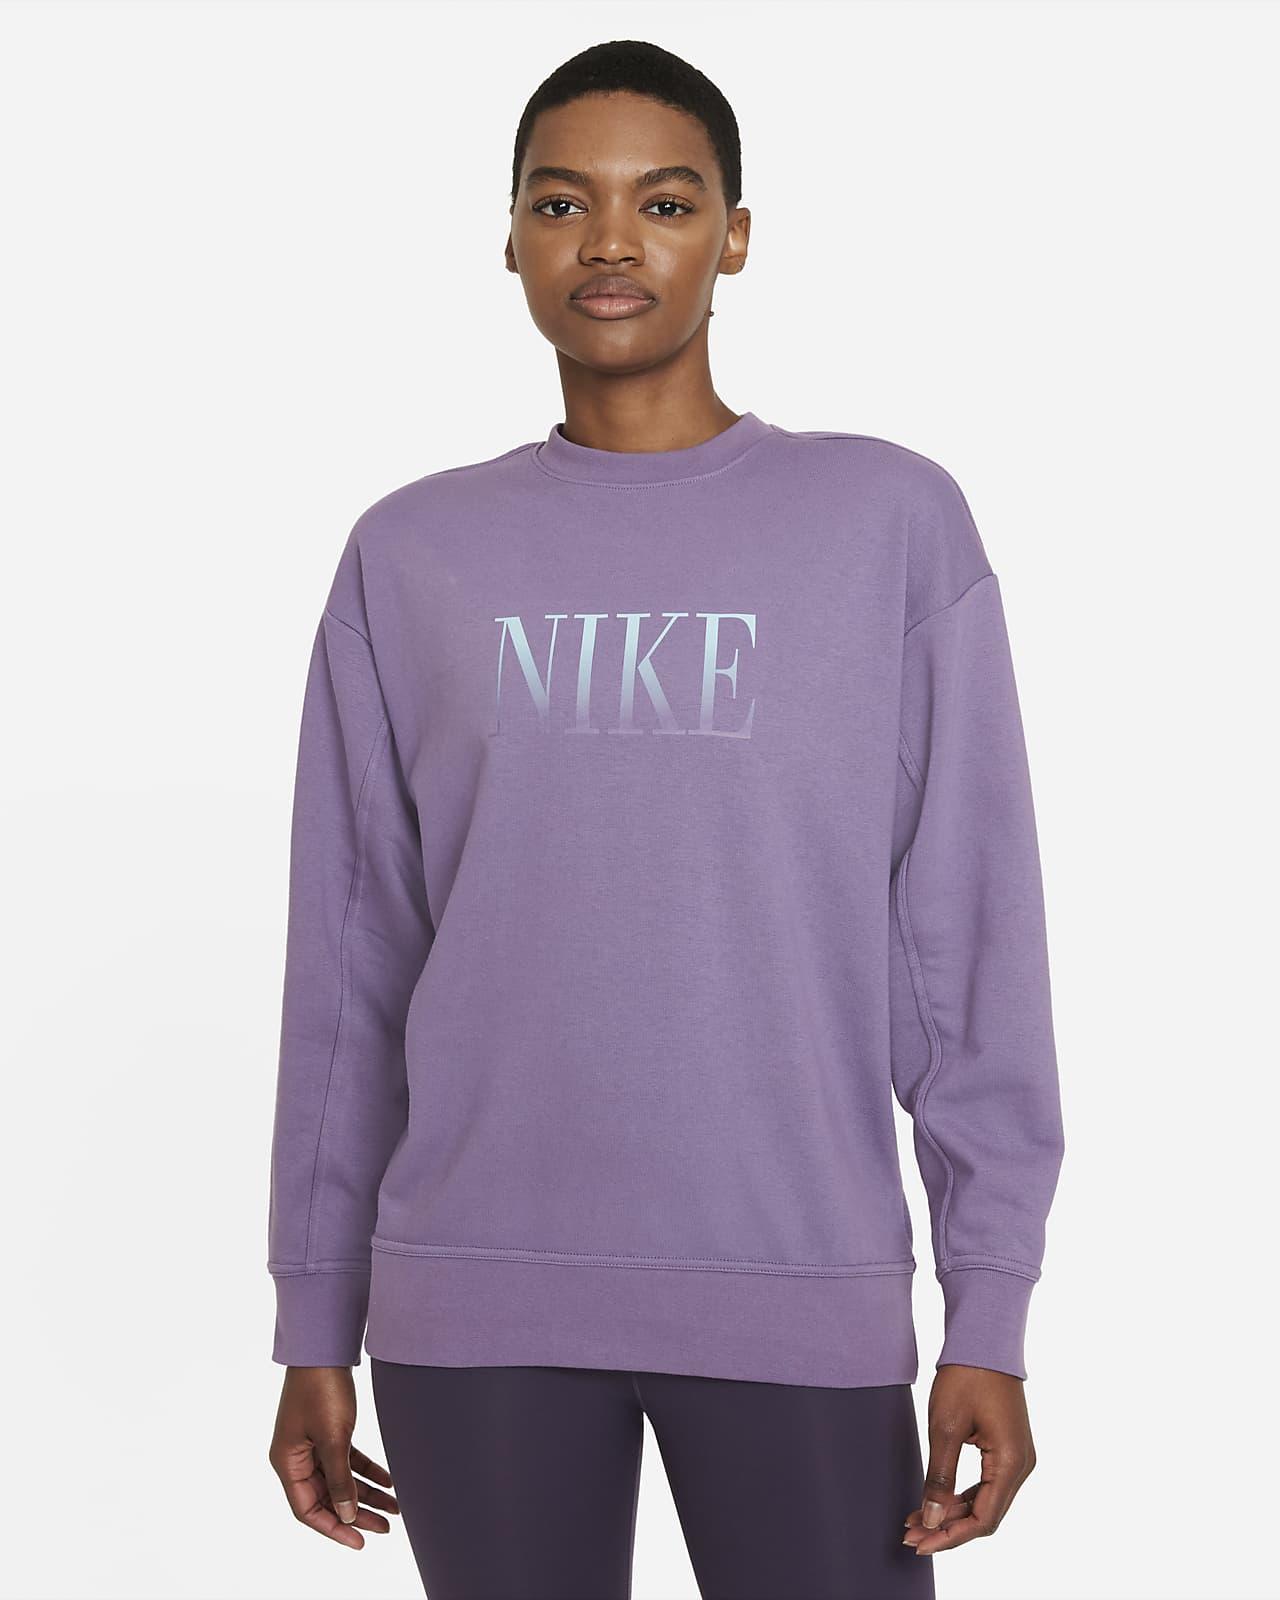 Nike Dri-FIT Get Fit Trainings-Rundhalsshirt mit Grafik für Damen